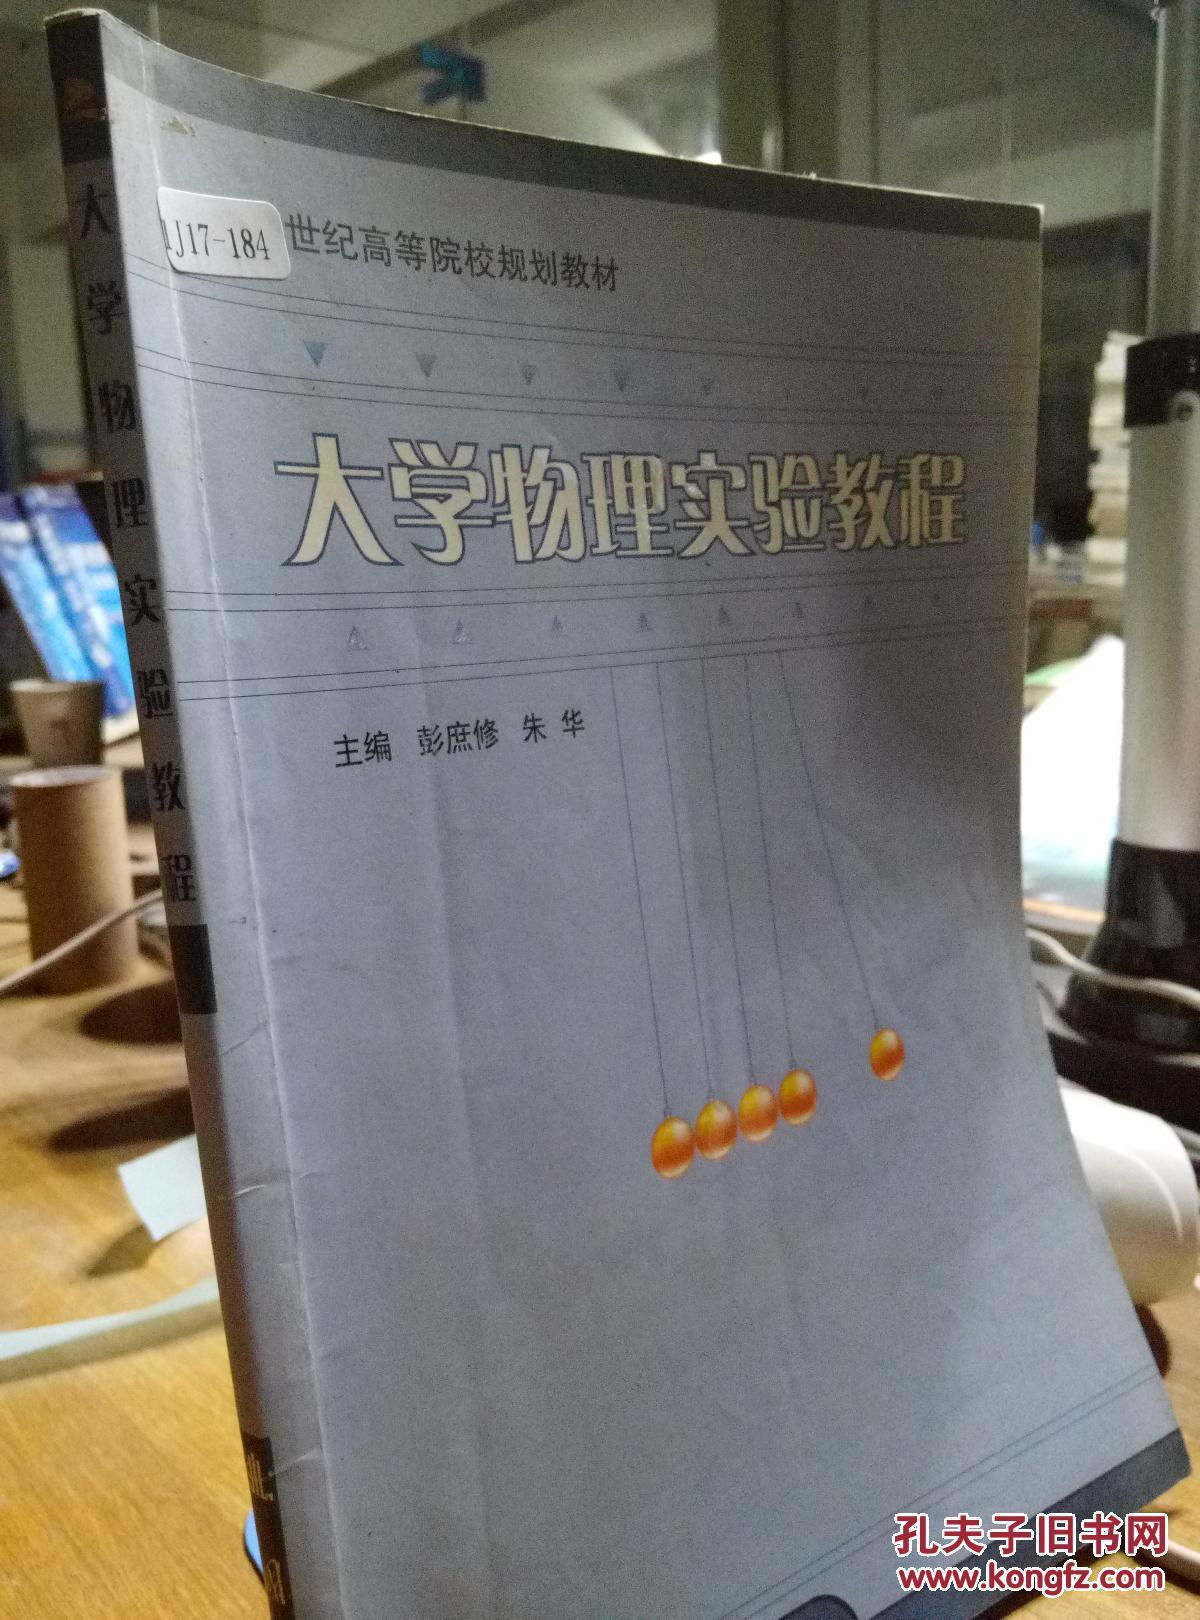 编写景德镇陶瓷学院课本实践电子教学改革的实验初中总结而成.化学粤教版物理经验课程图片